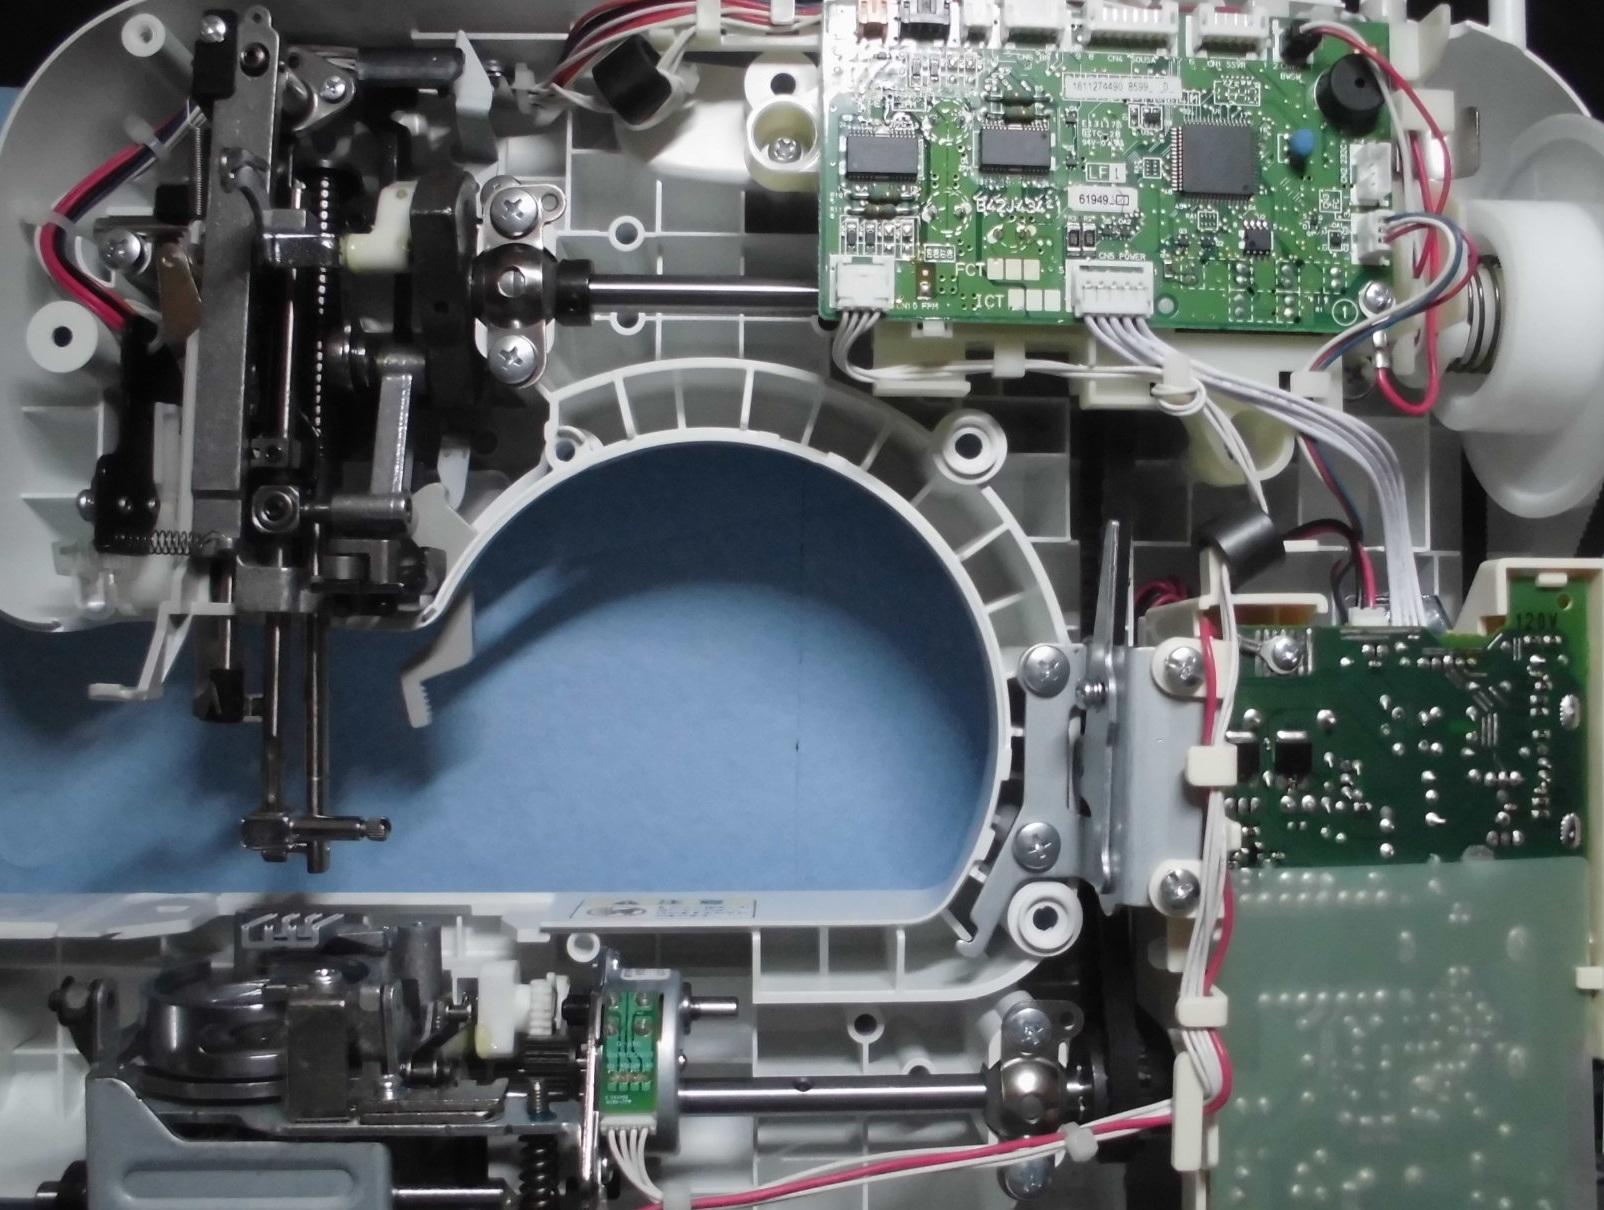 PS205の分解オーバーホールメンテナンス修理|ブラザーミシン|CPS42シリーズ